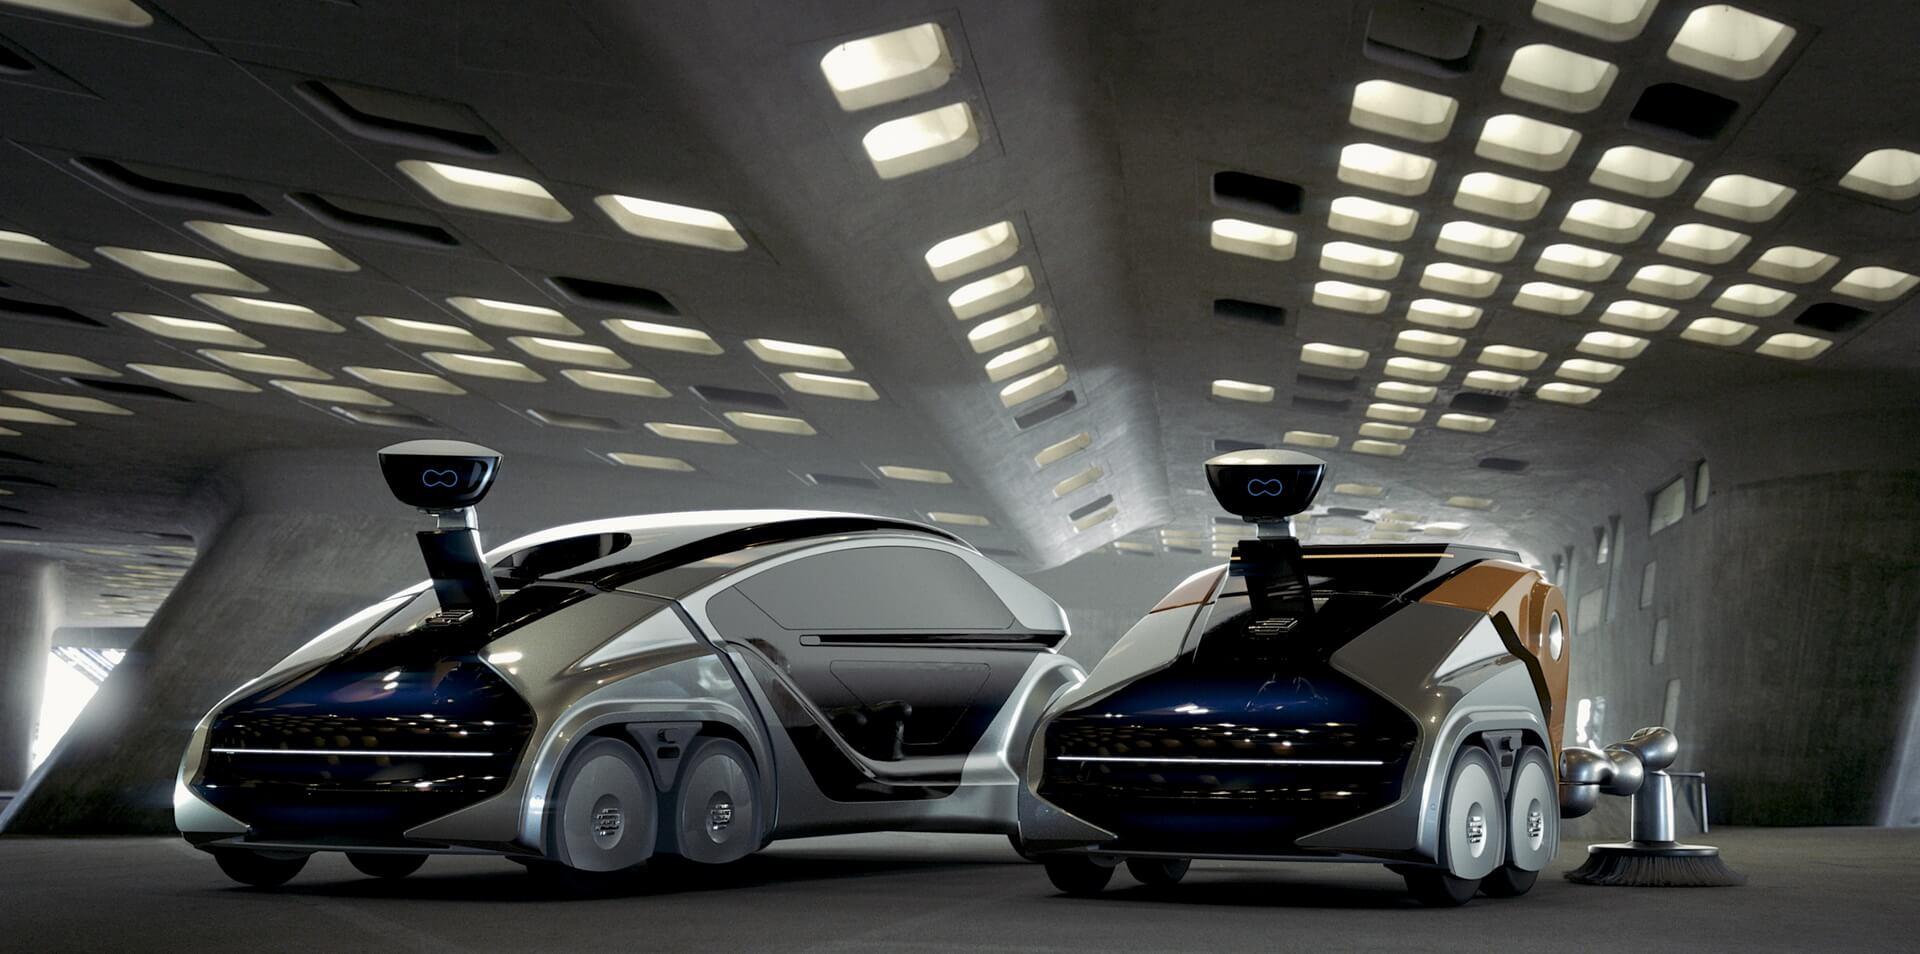 Модульный роботизированный автомобиль натопливных элементах EDAG CityBot